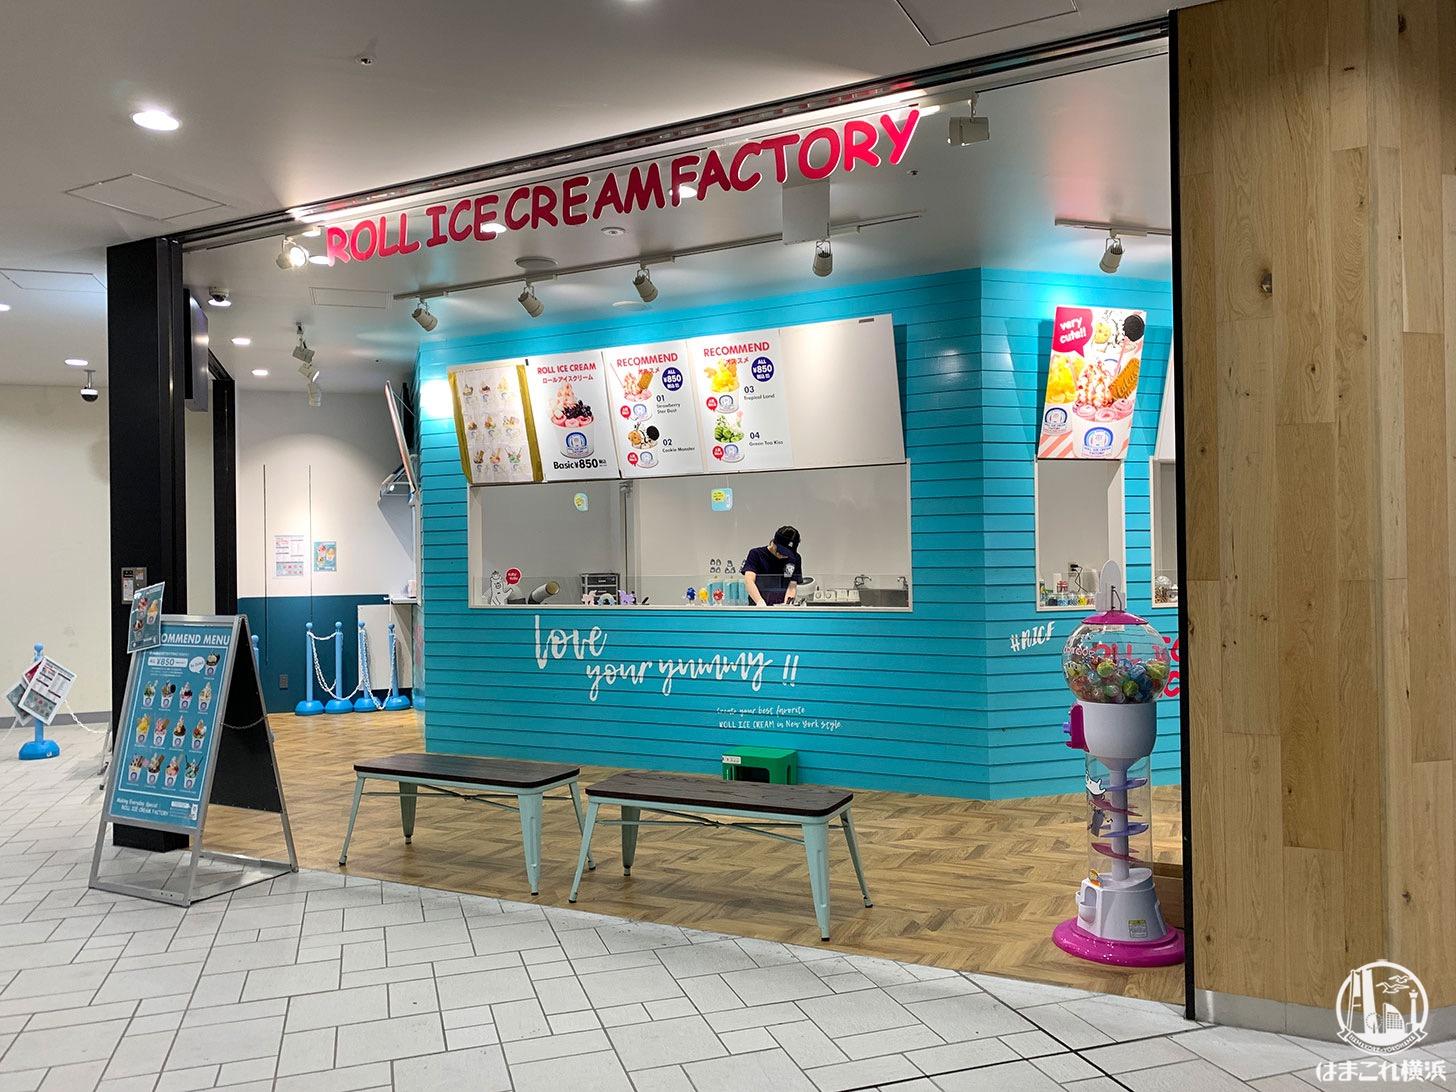 ロールアイスクリームファクトリー横浜山下公園店 外観